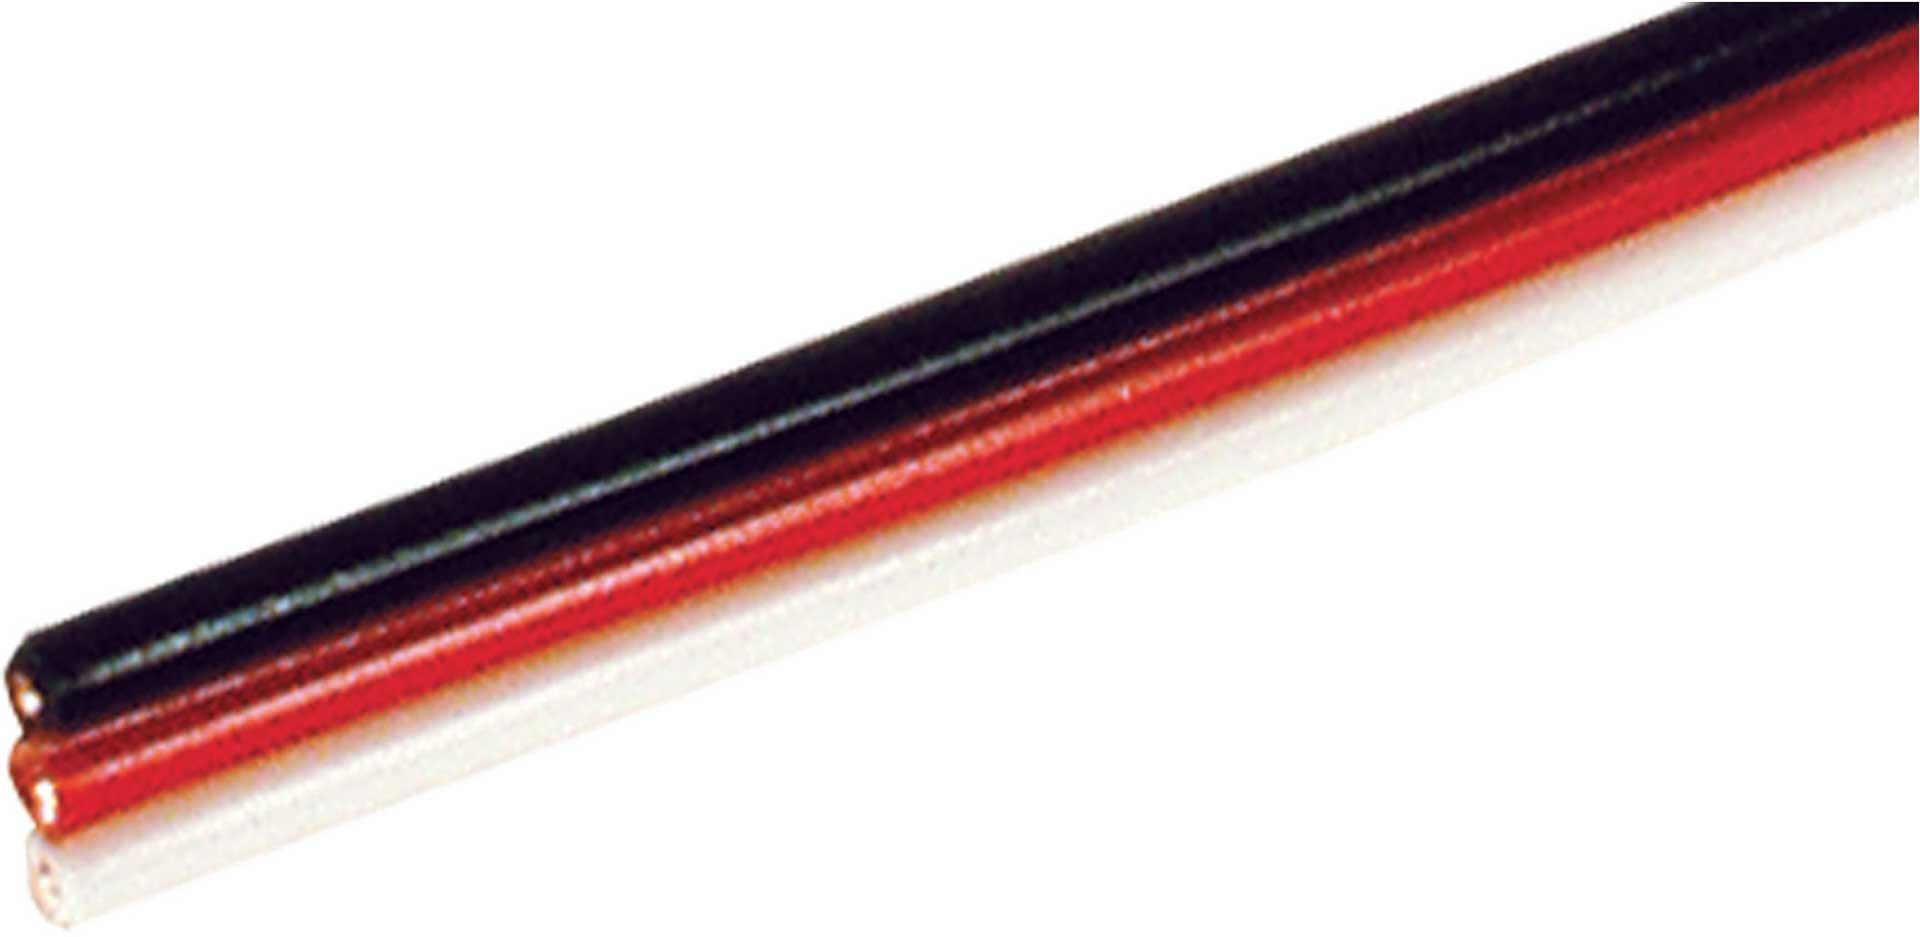 ROBBE Servokabel Futaba 50 Meter flach 0,33mm² (22AWG) PVC Meterware